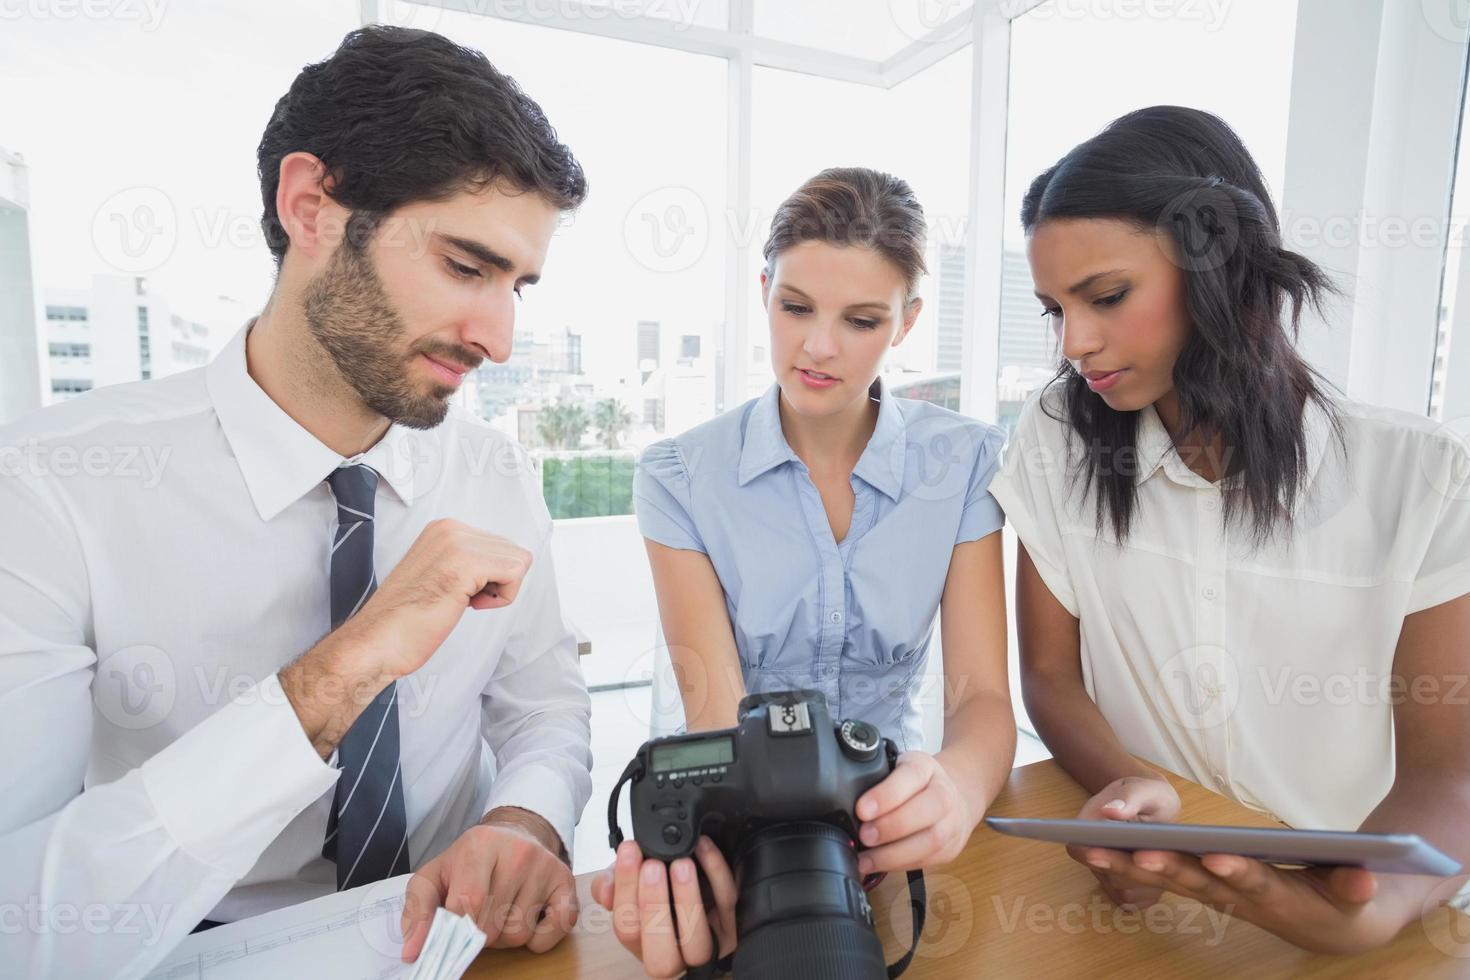 mensen uit het bedrijfsleven met behulp van een camera foto